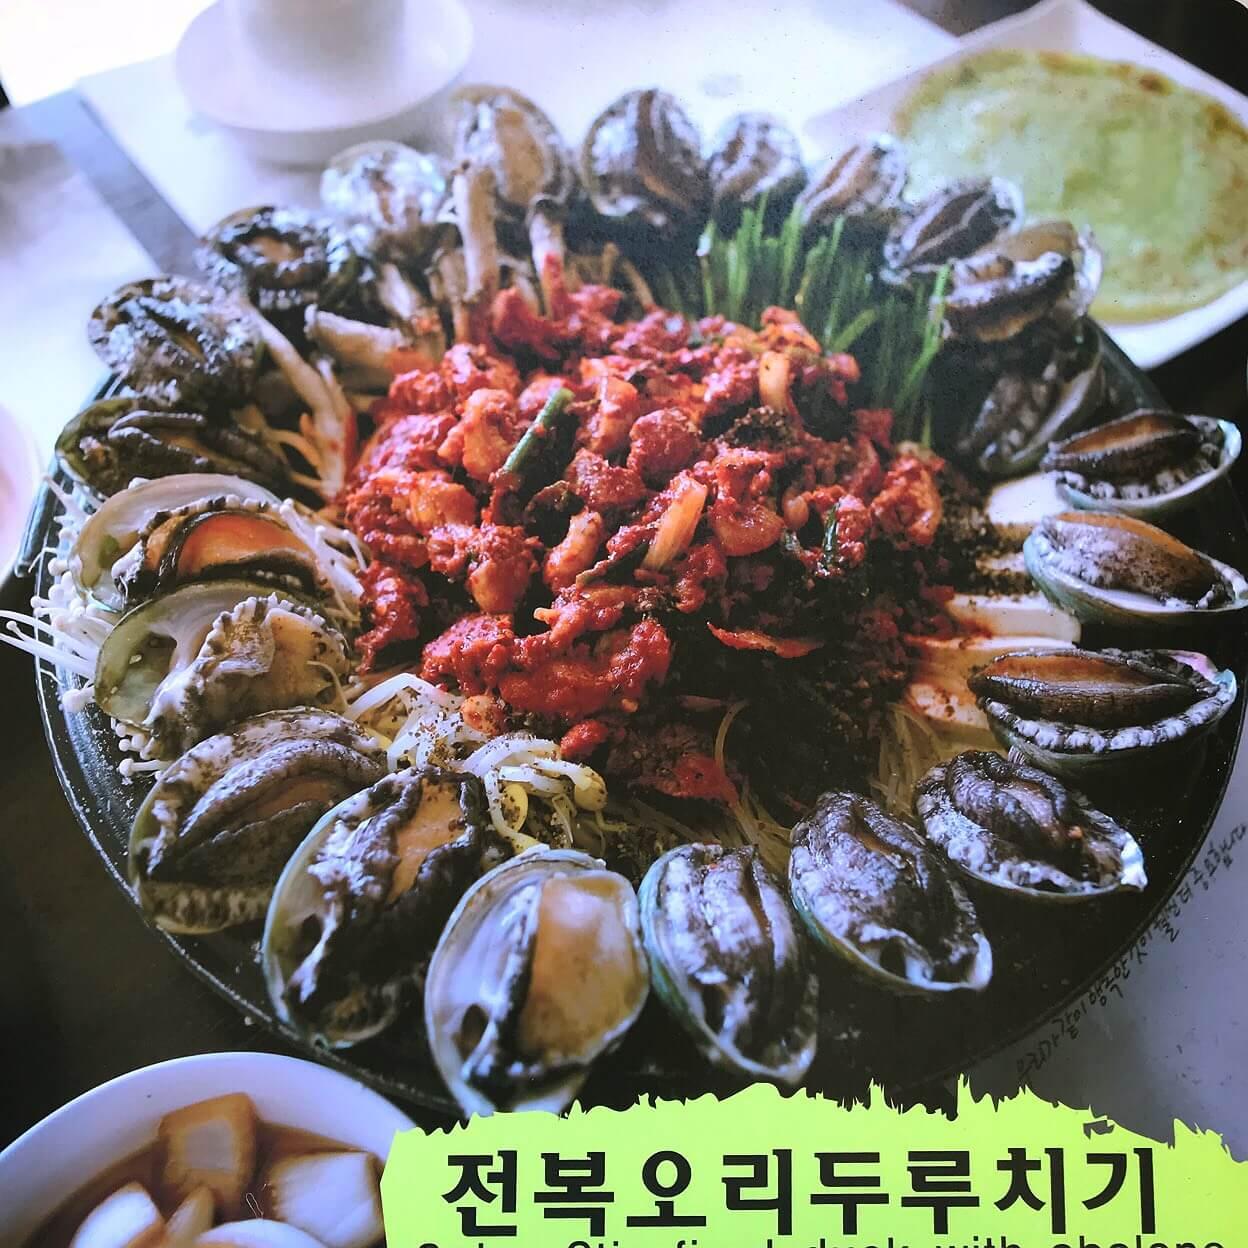 韓国・チェジュ島のサムゲタンのお店のあわび鍋